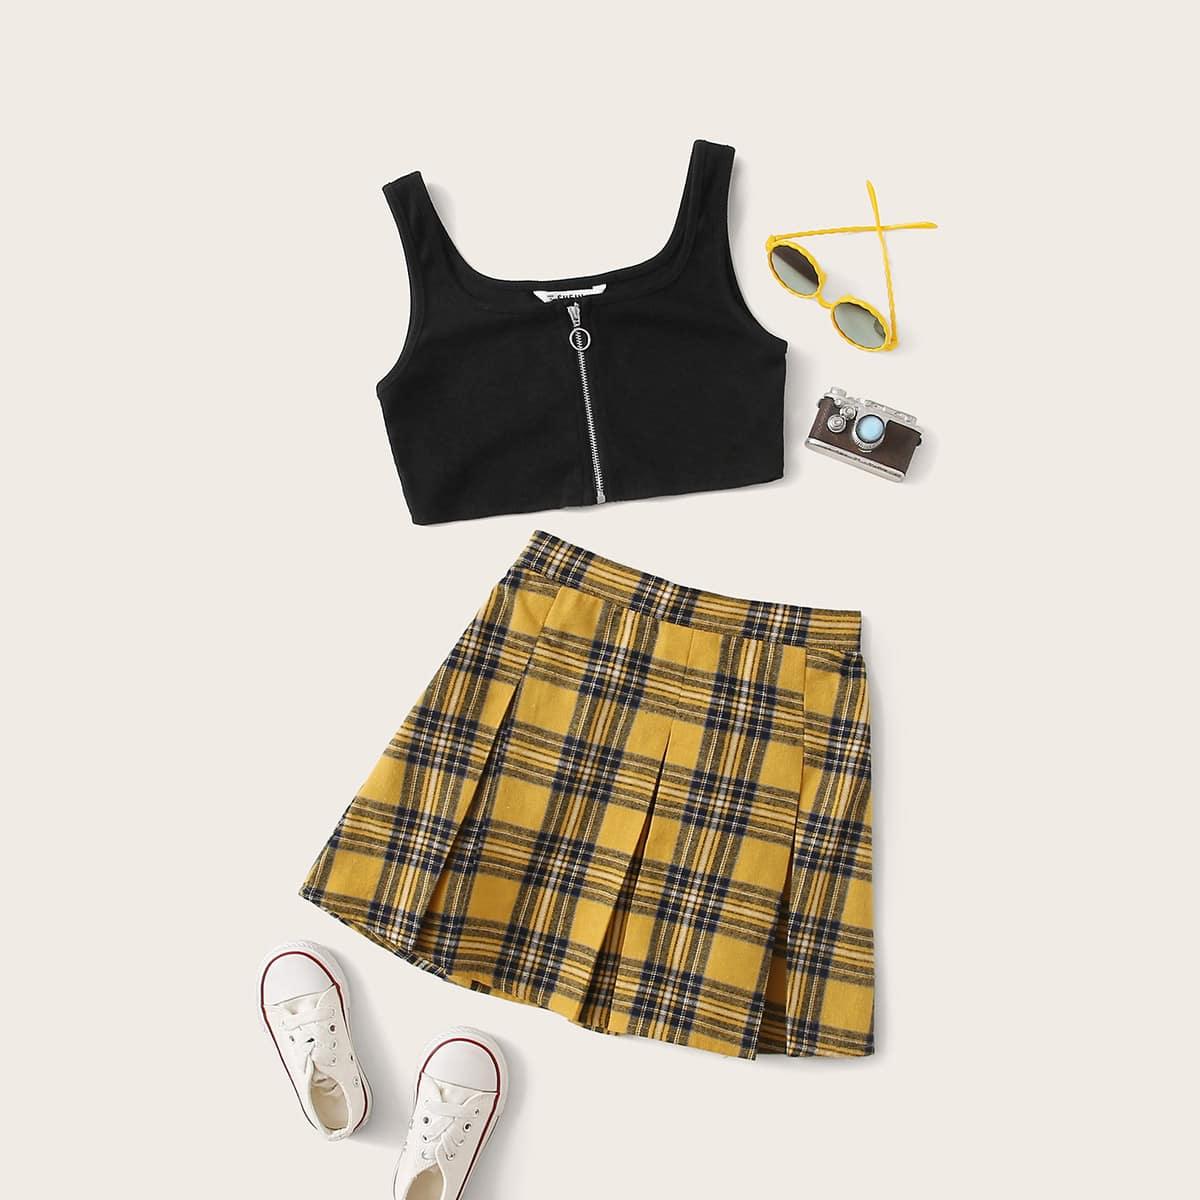 SHEIN / Mädchen Tank Top mit O Ring, Reißverschlussvorn und Rock Set mit Falten